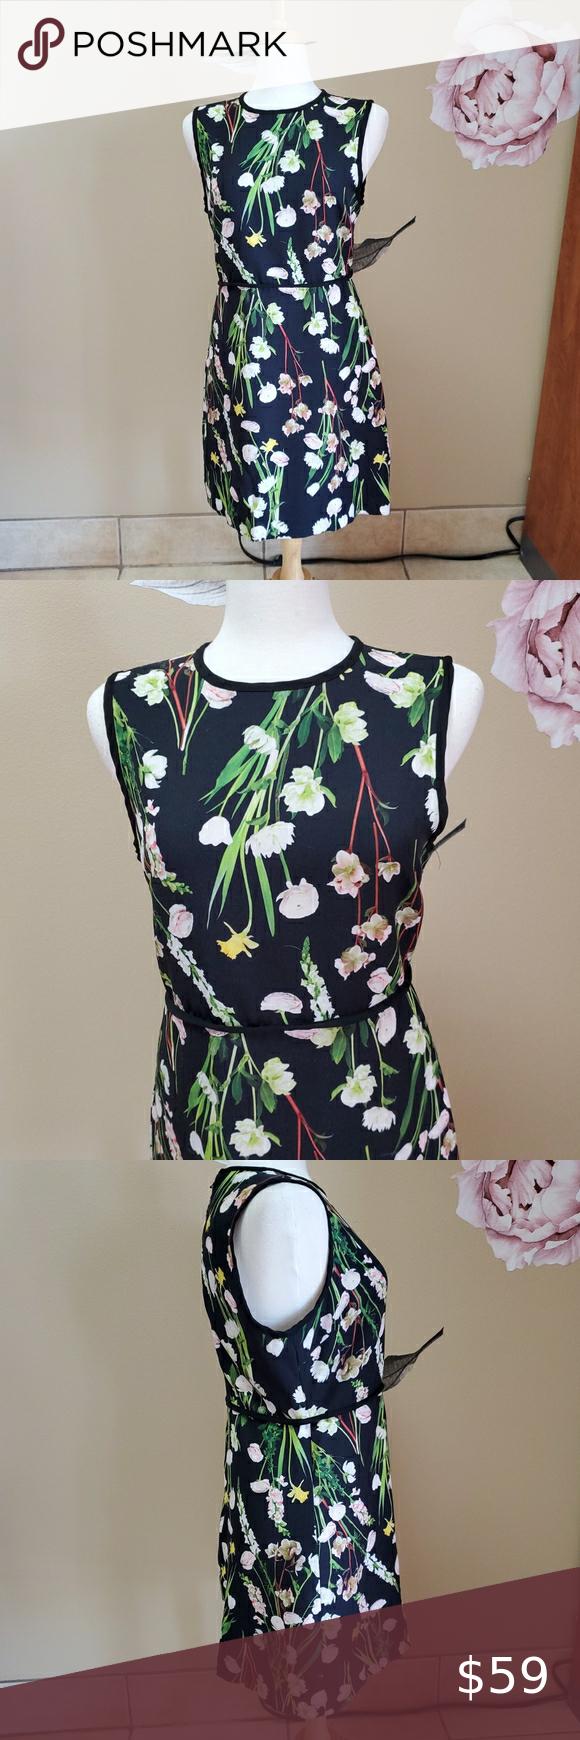 Victoria Beckham Black Floral Dress In 2020 Floral Dress Black Floral Dress Clothes Design [ 1740 x 580 Pixel ]